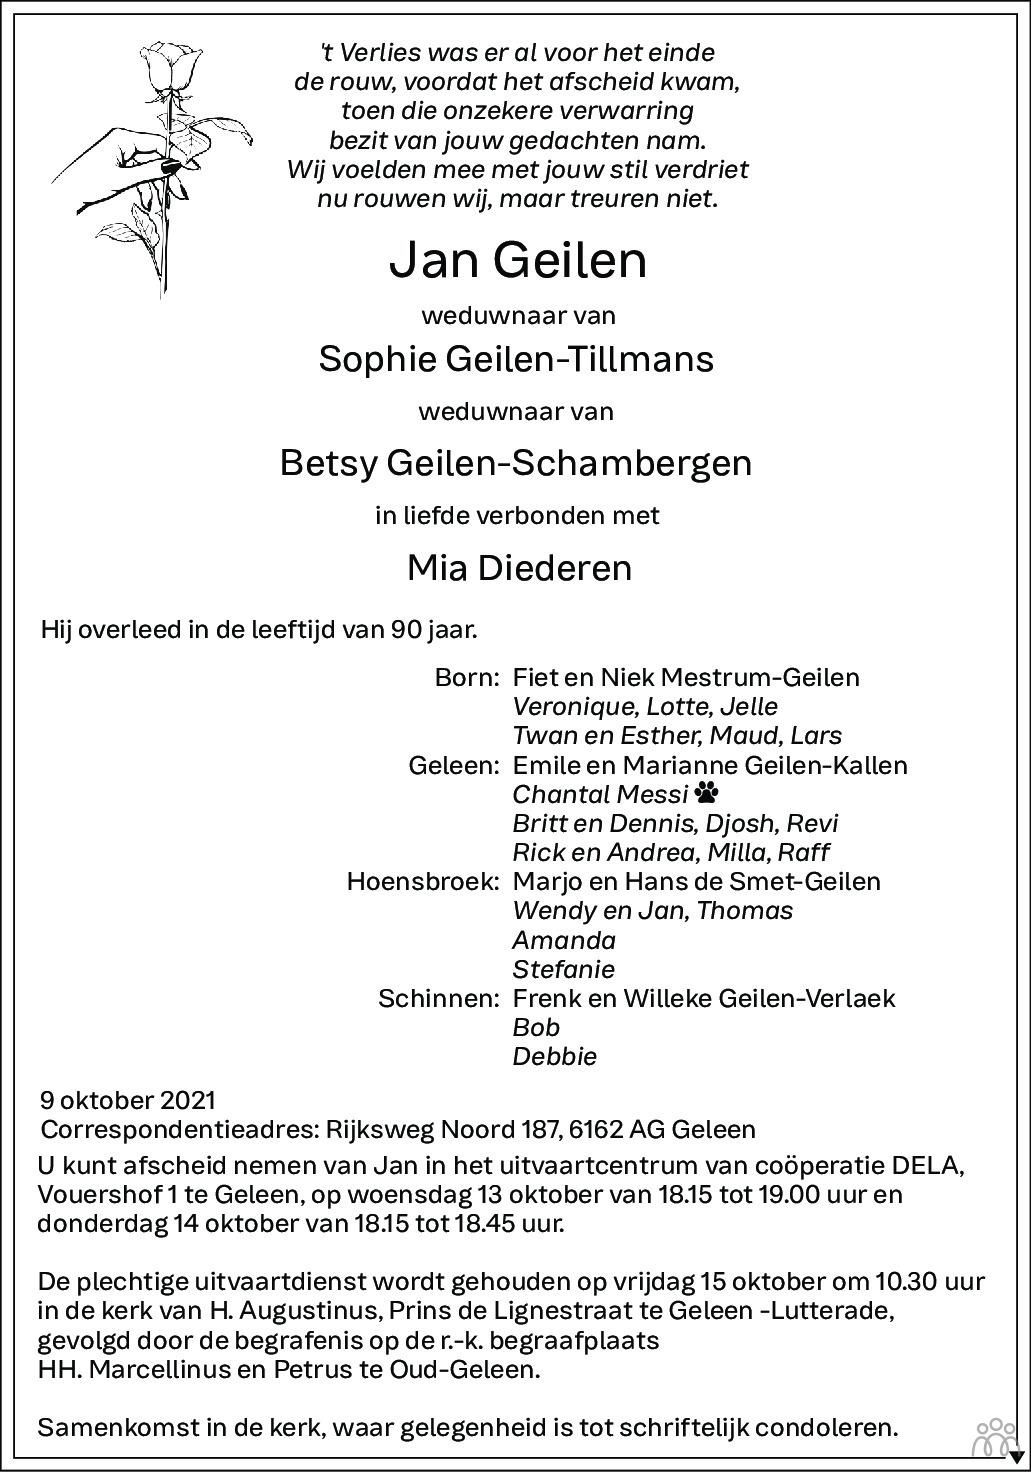 Overlijdensbericht van Jan Geilen in De Limburger